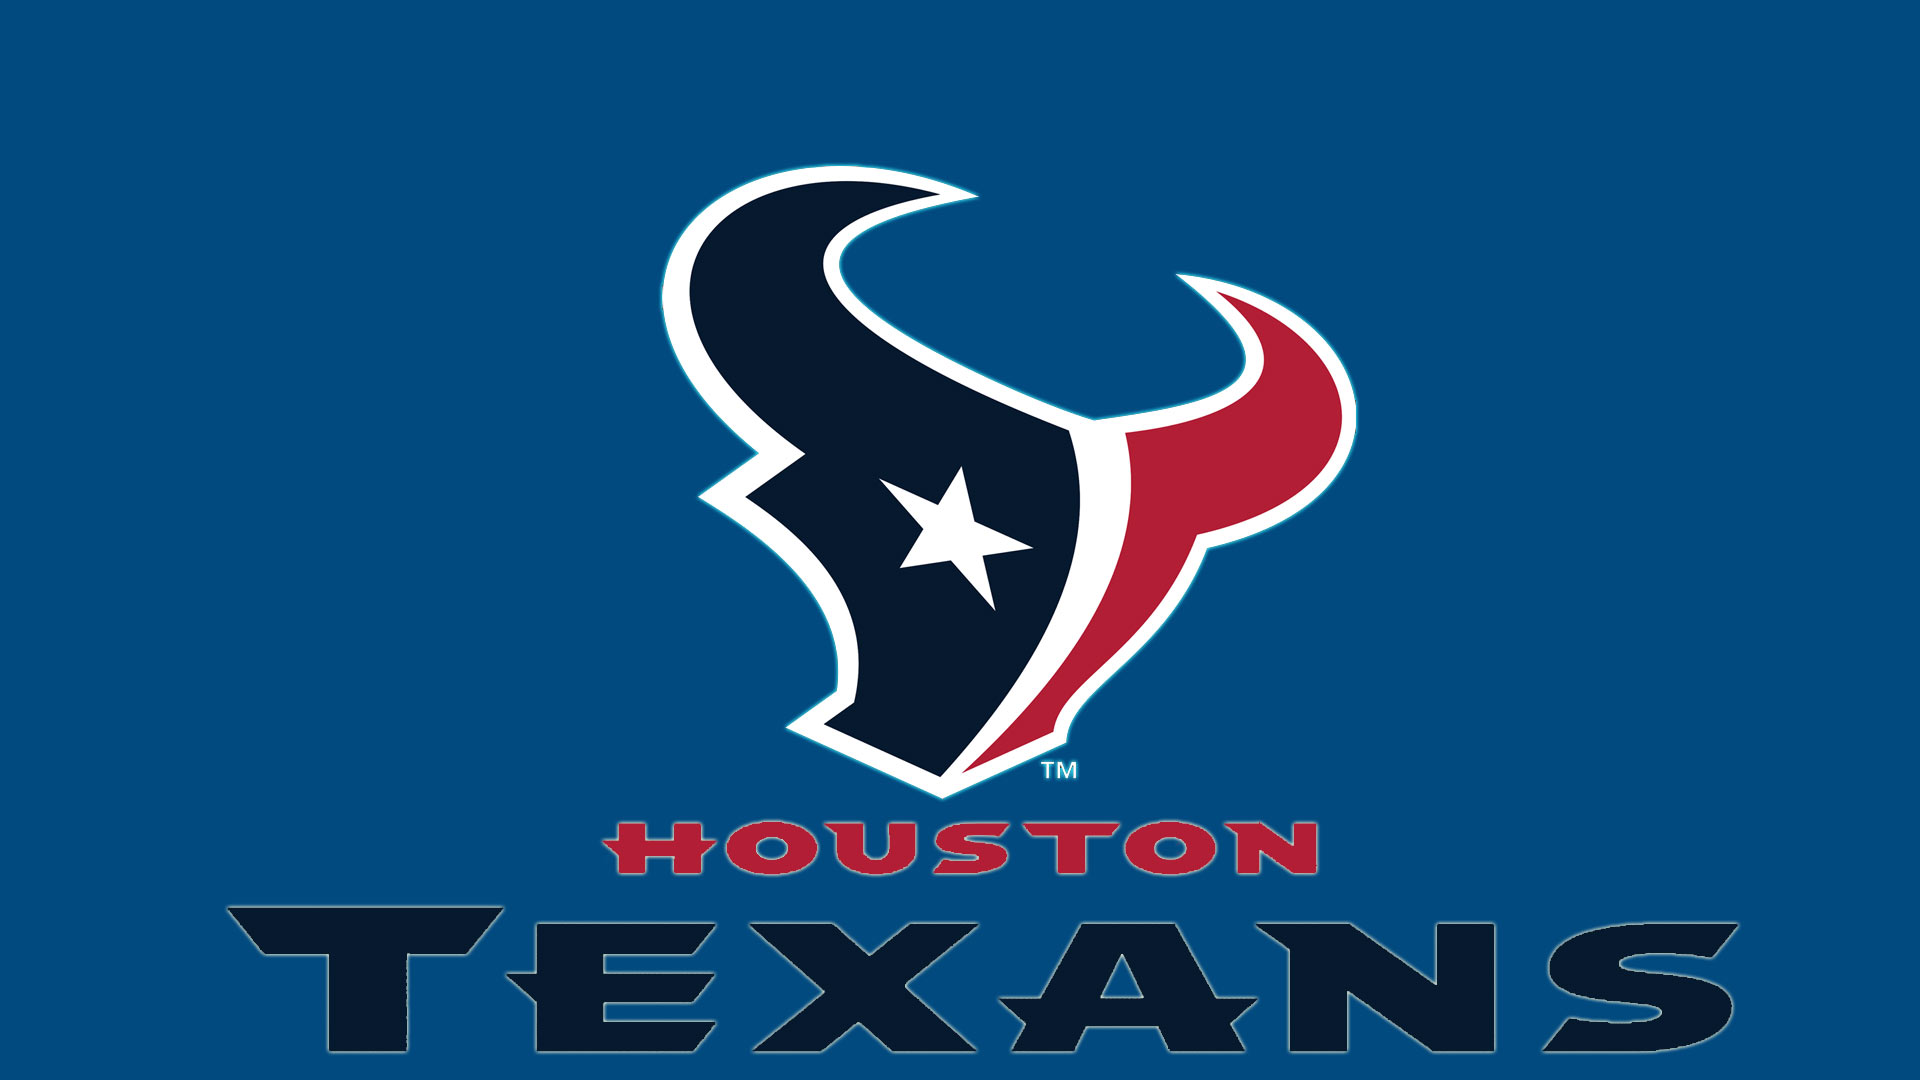 Houston Texans logo Hd 1080p Wallpaper screen size 1920X1080 1920x1080